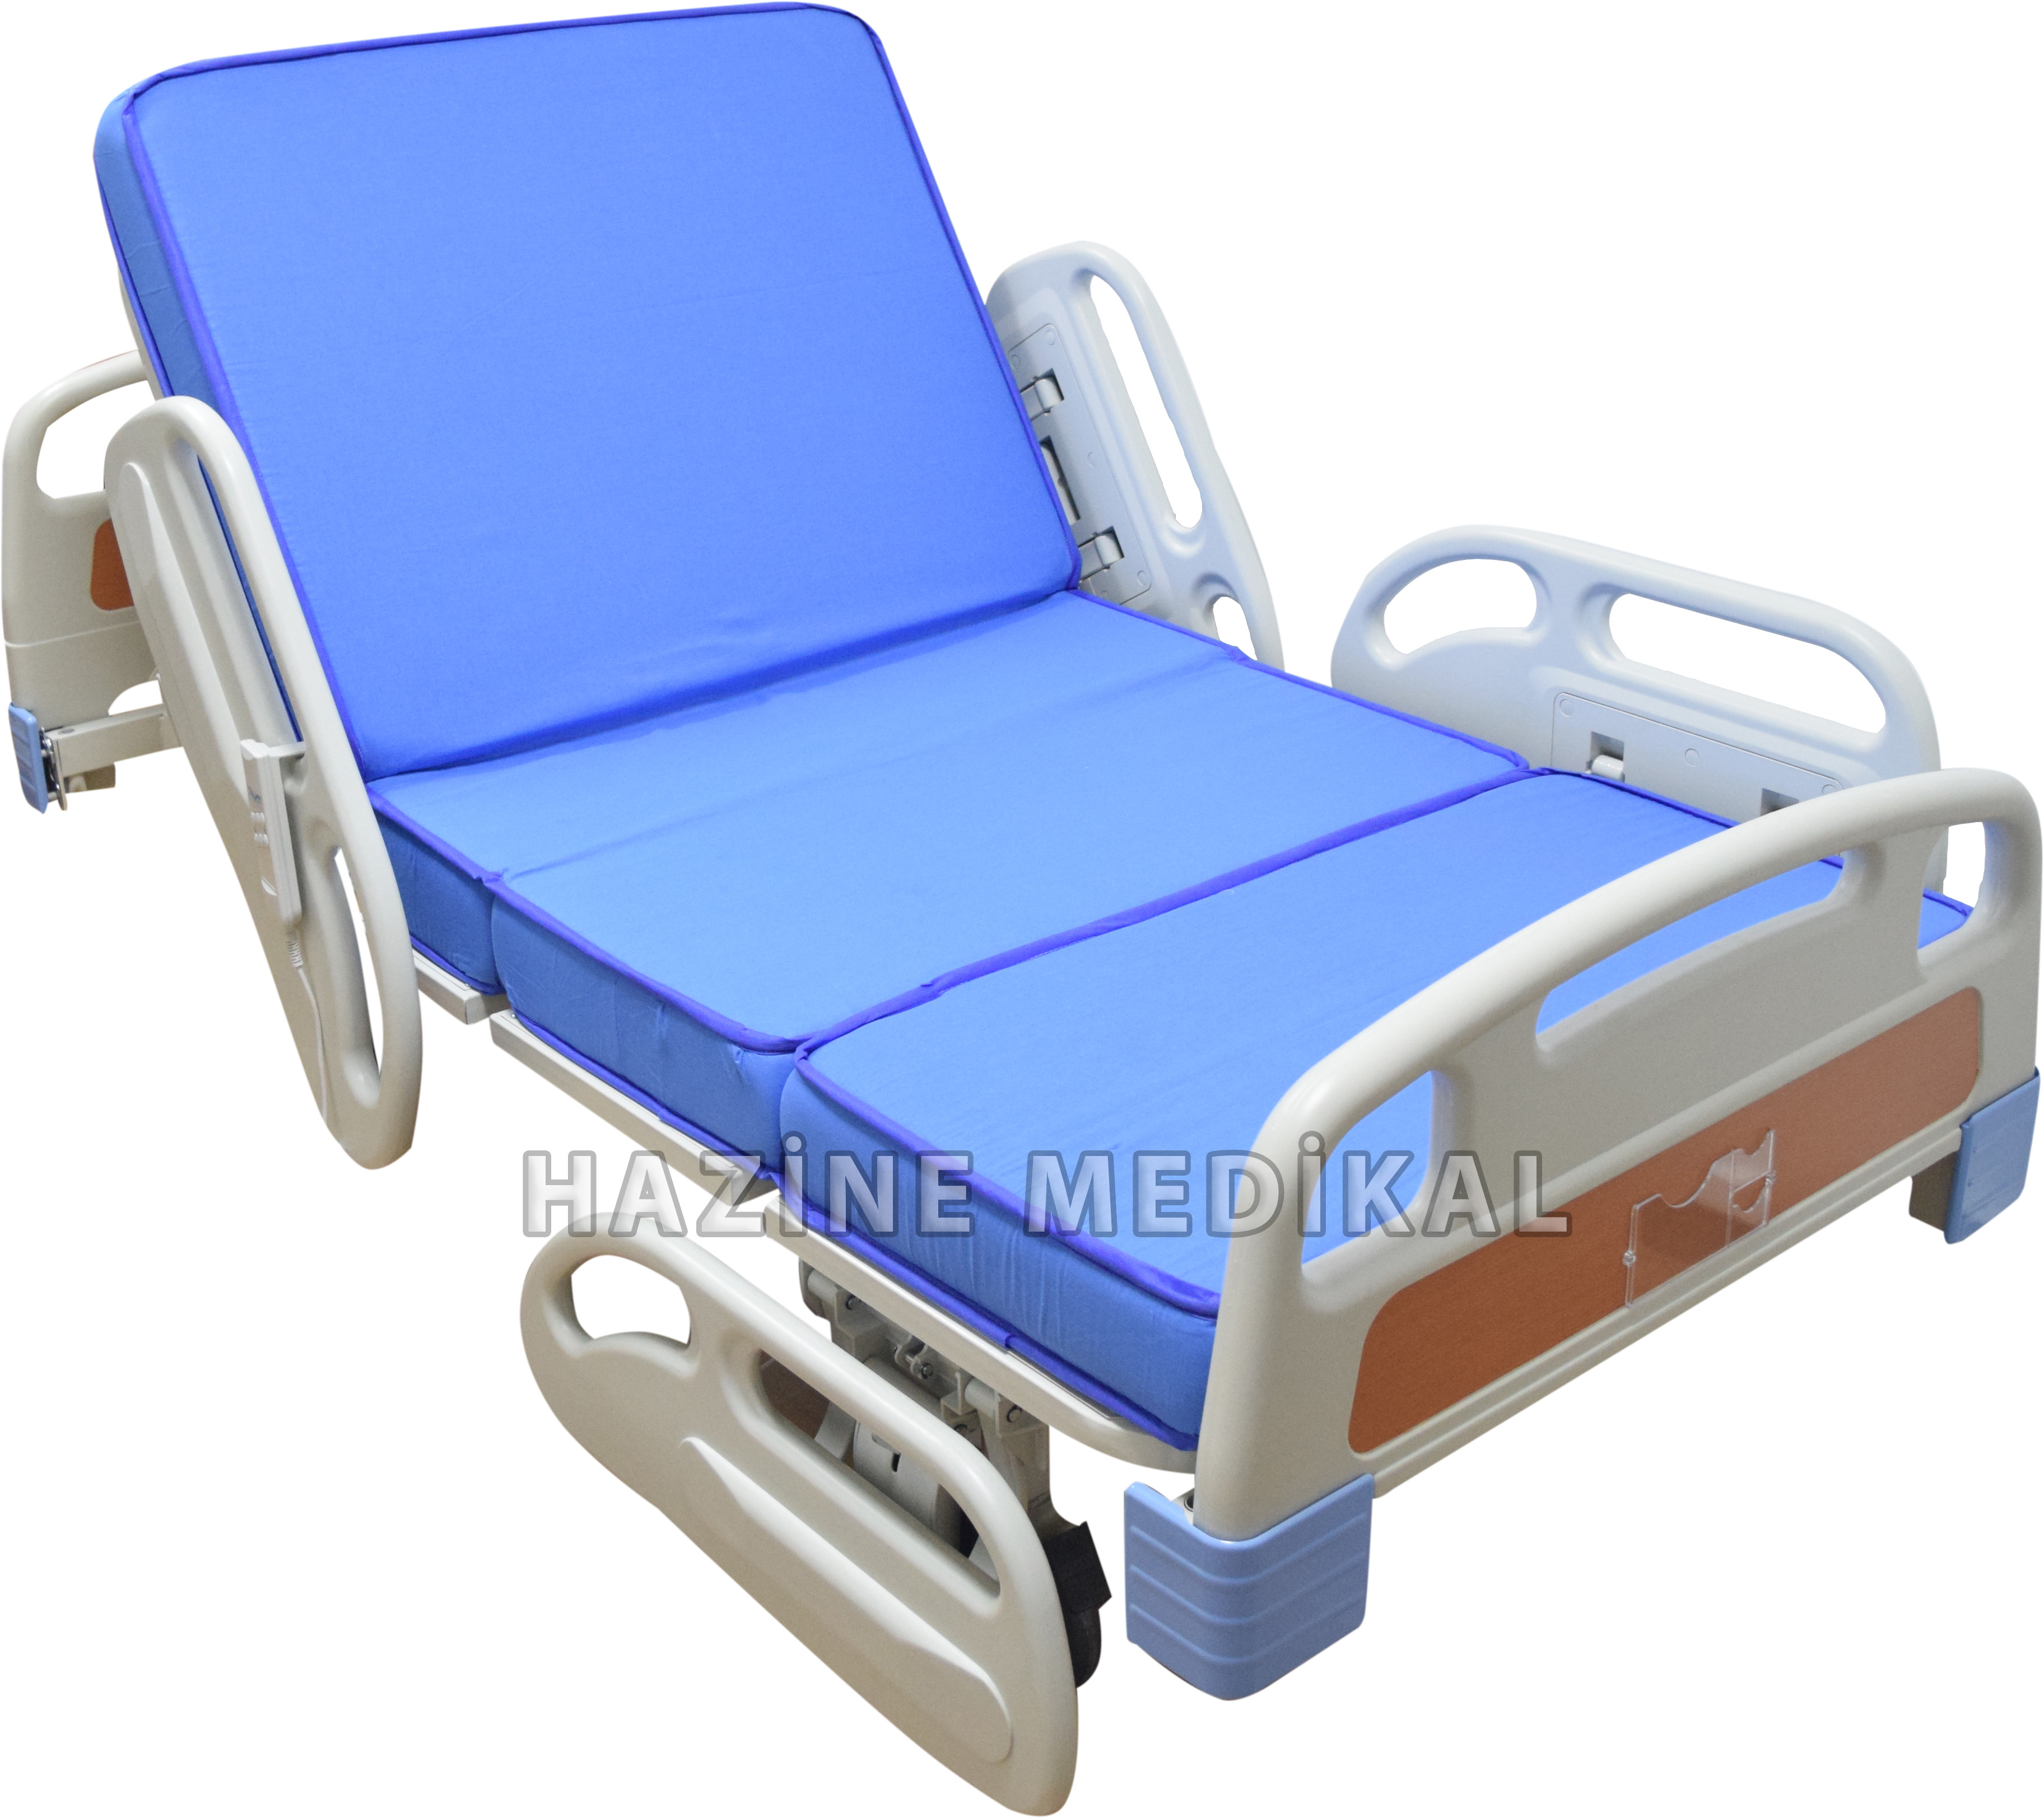 Hasta Yatağı İle Sağlıklı Ortam Yaratın